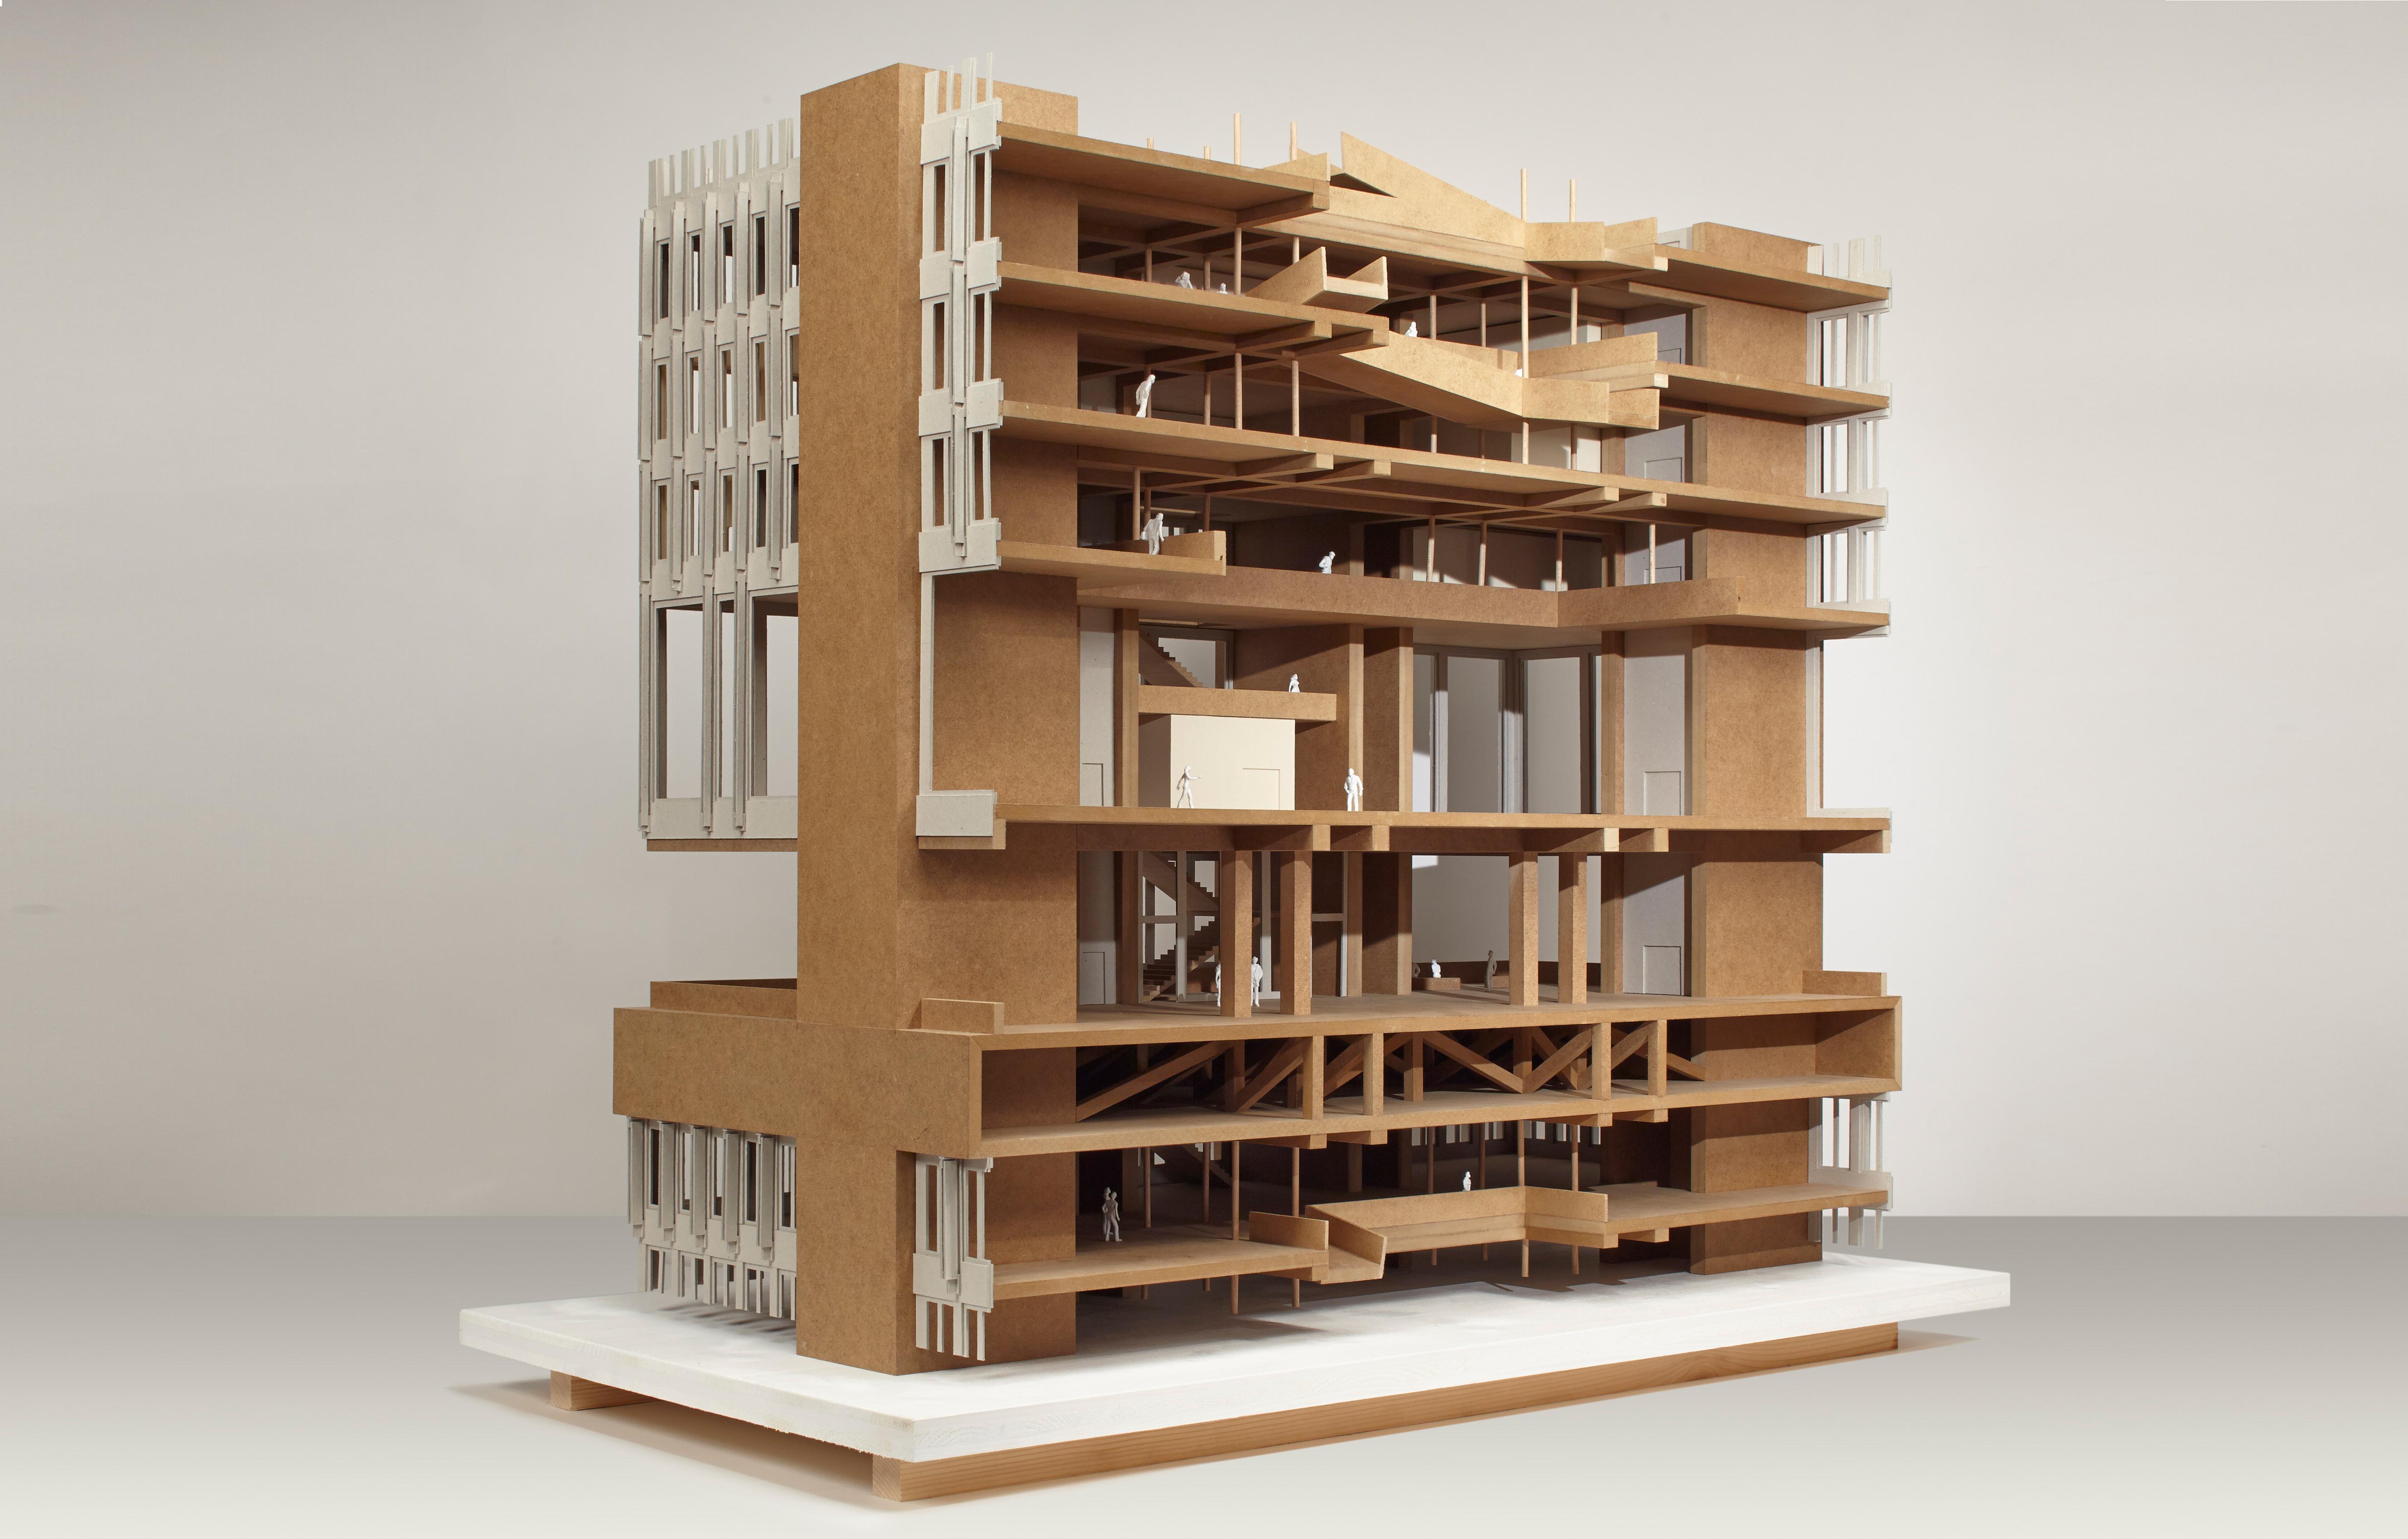 Projektionen ausstellung der diplomarbeiten architektur for Master architektur